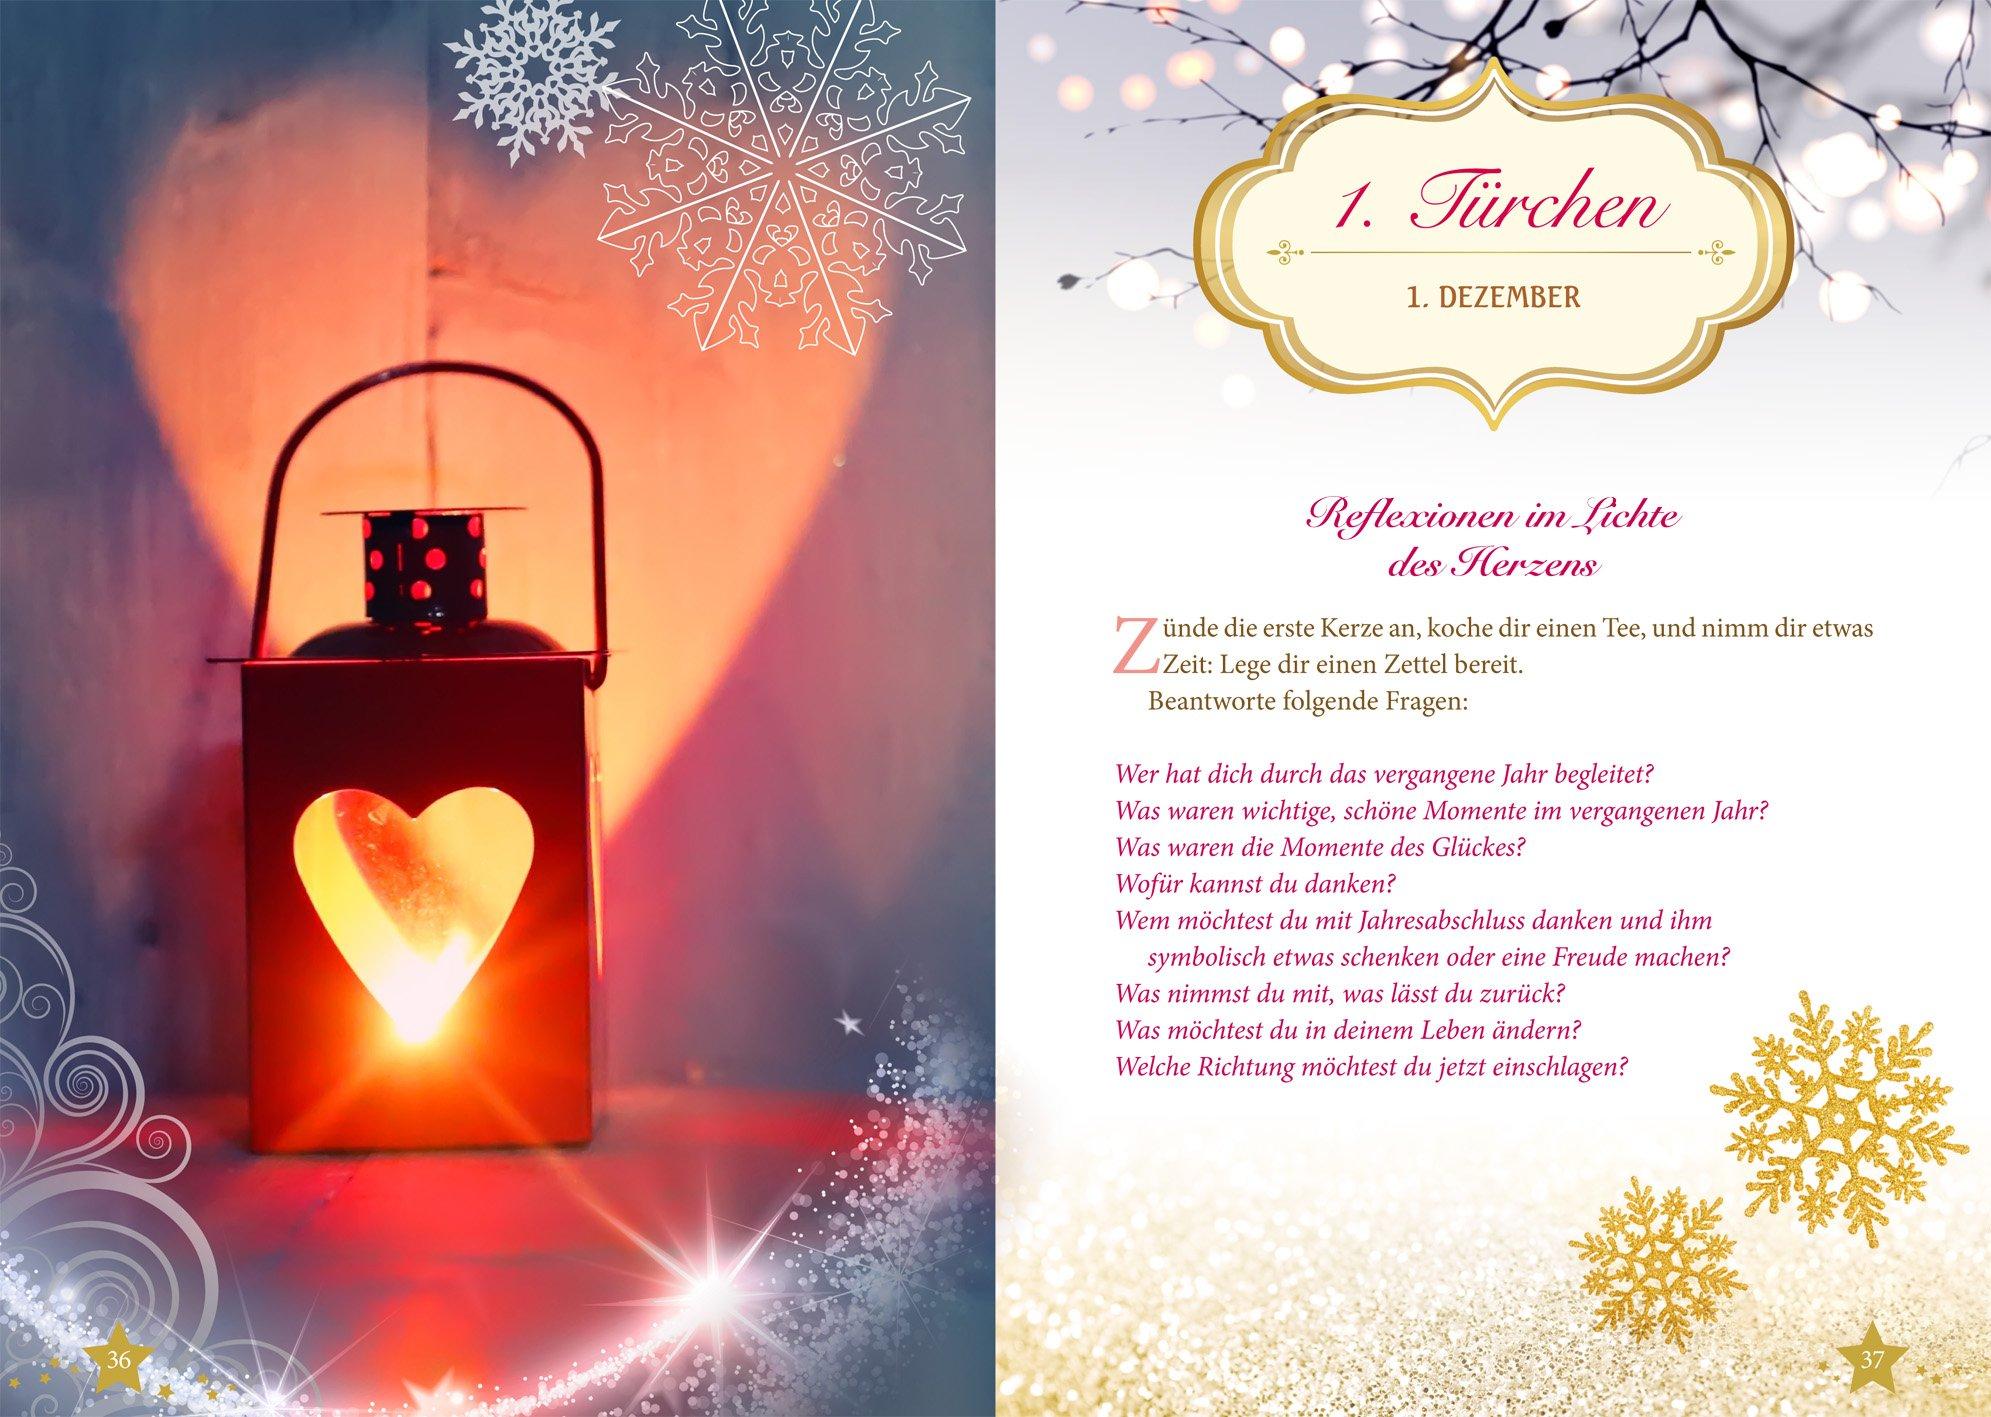 Advents und Weihnachtsrituale Der Weg in das mystische Herz der